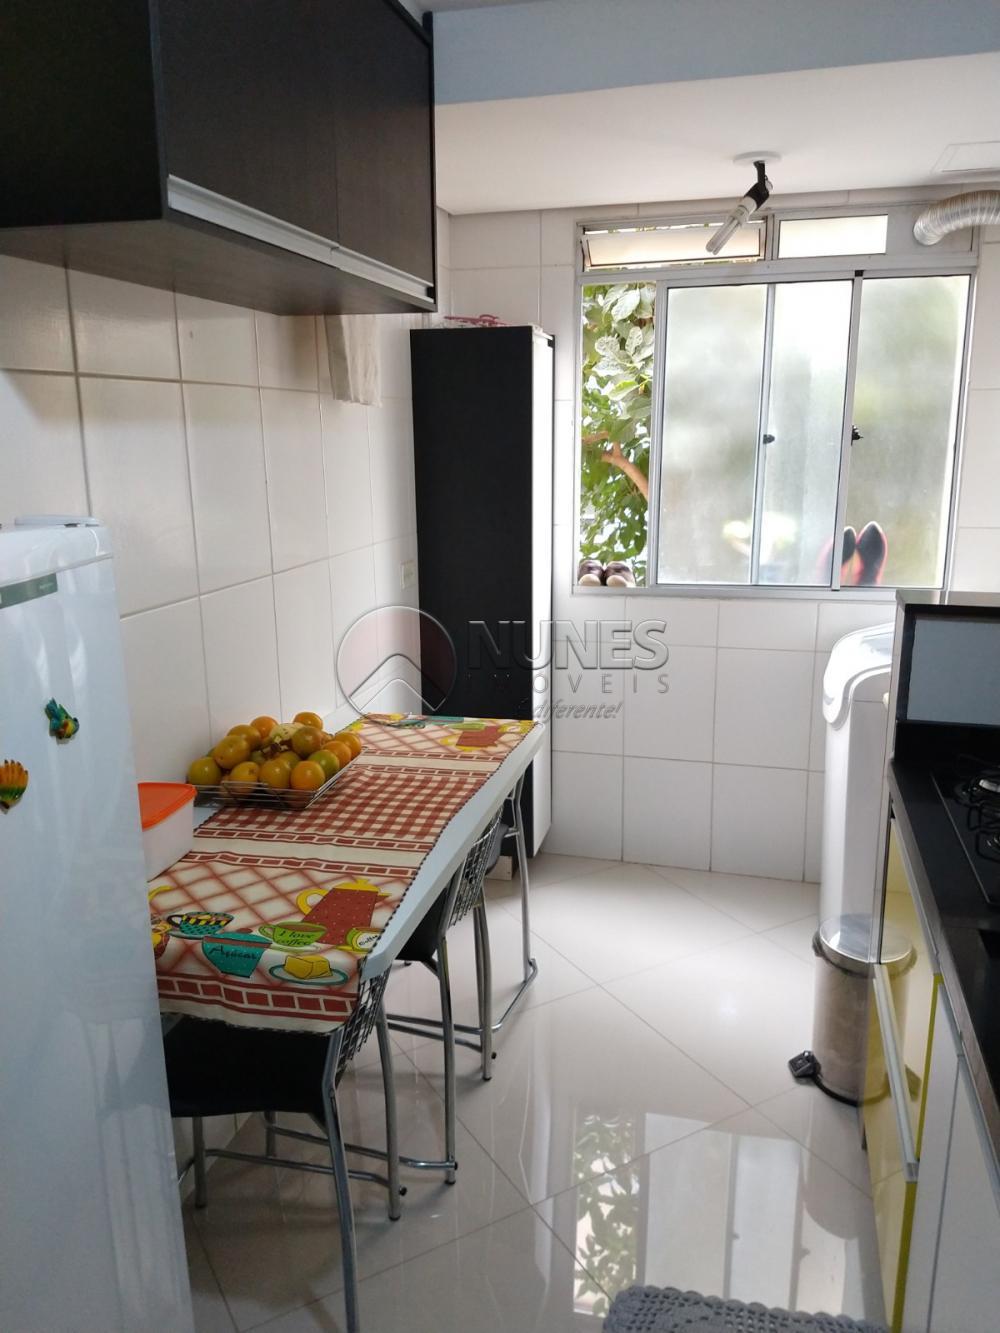 Comprar Apartamento / Padrão em Osasco apenas R$ 200.000,00 - Foto 6